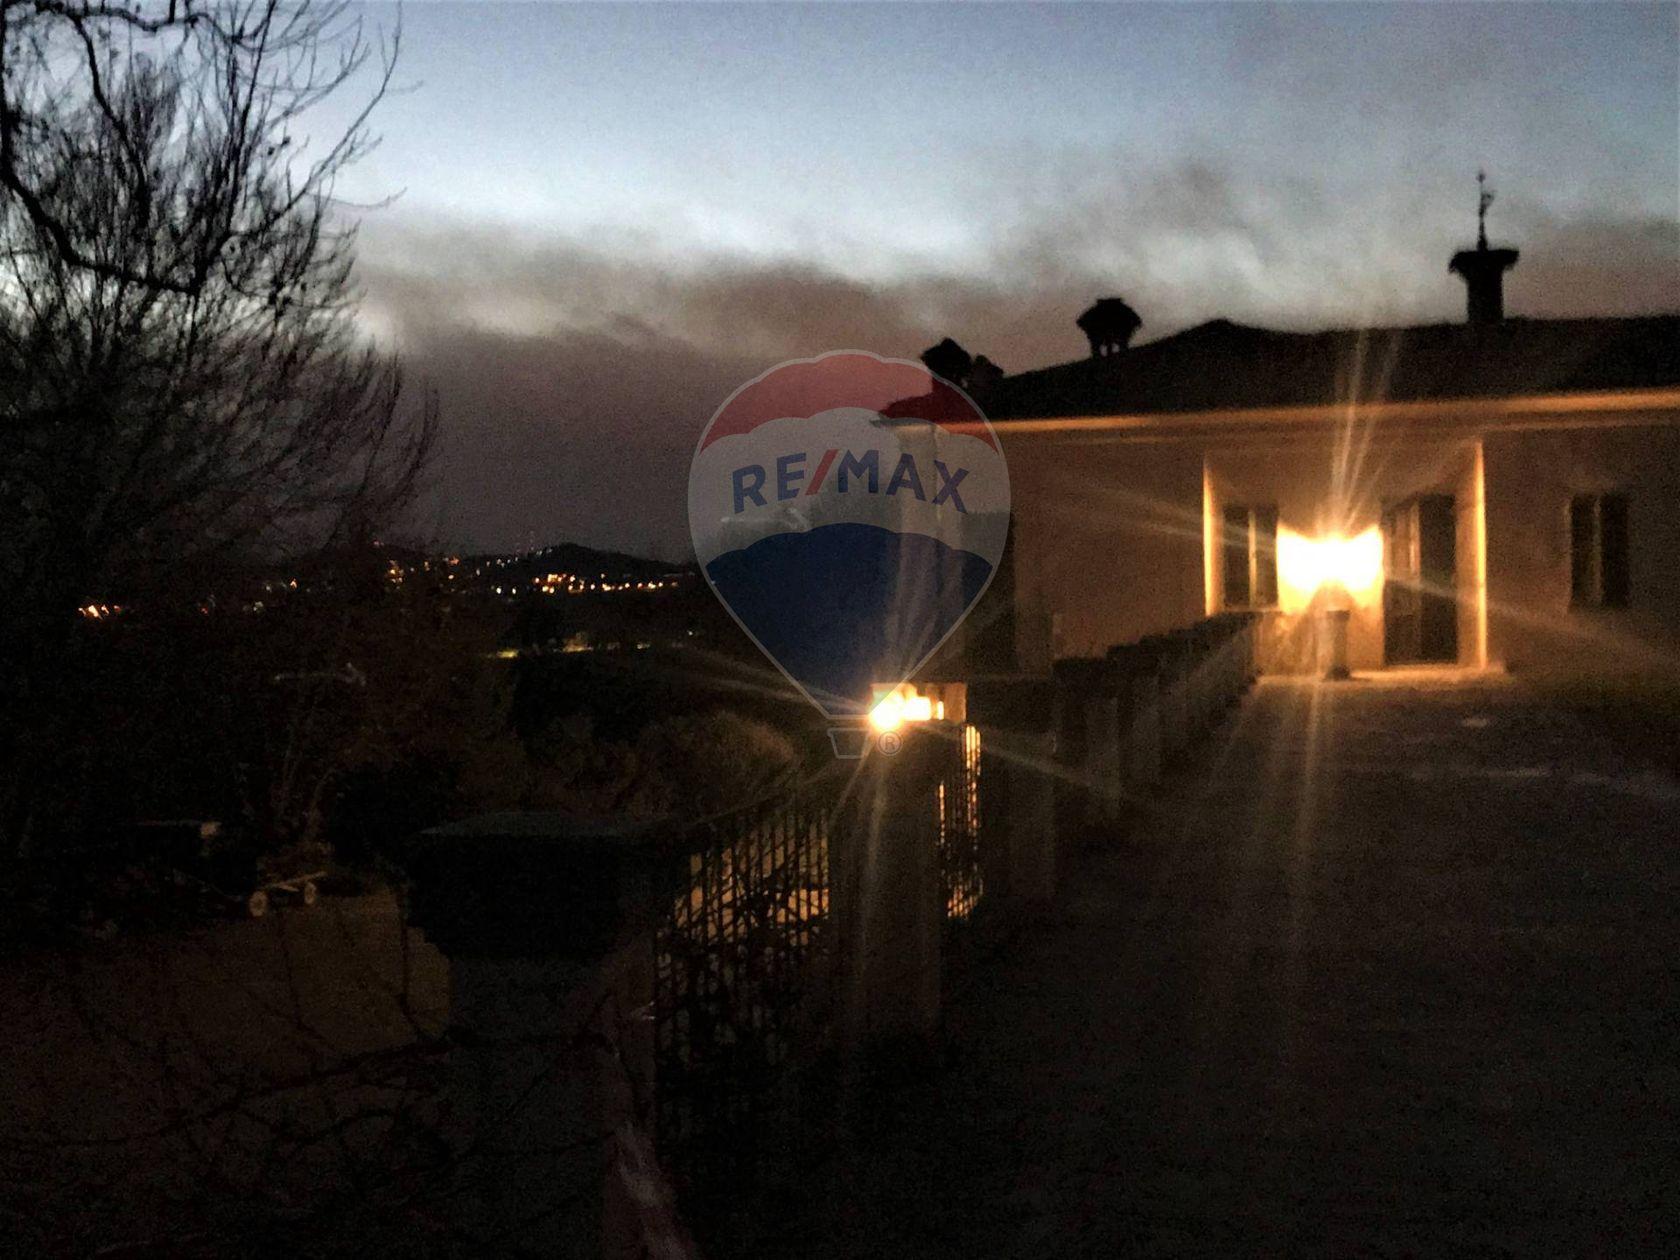 Appartamento Avuglione, Marentino, TO Vendita - Foto 45